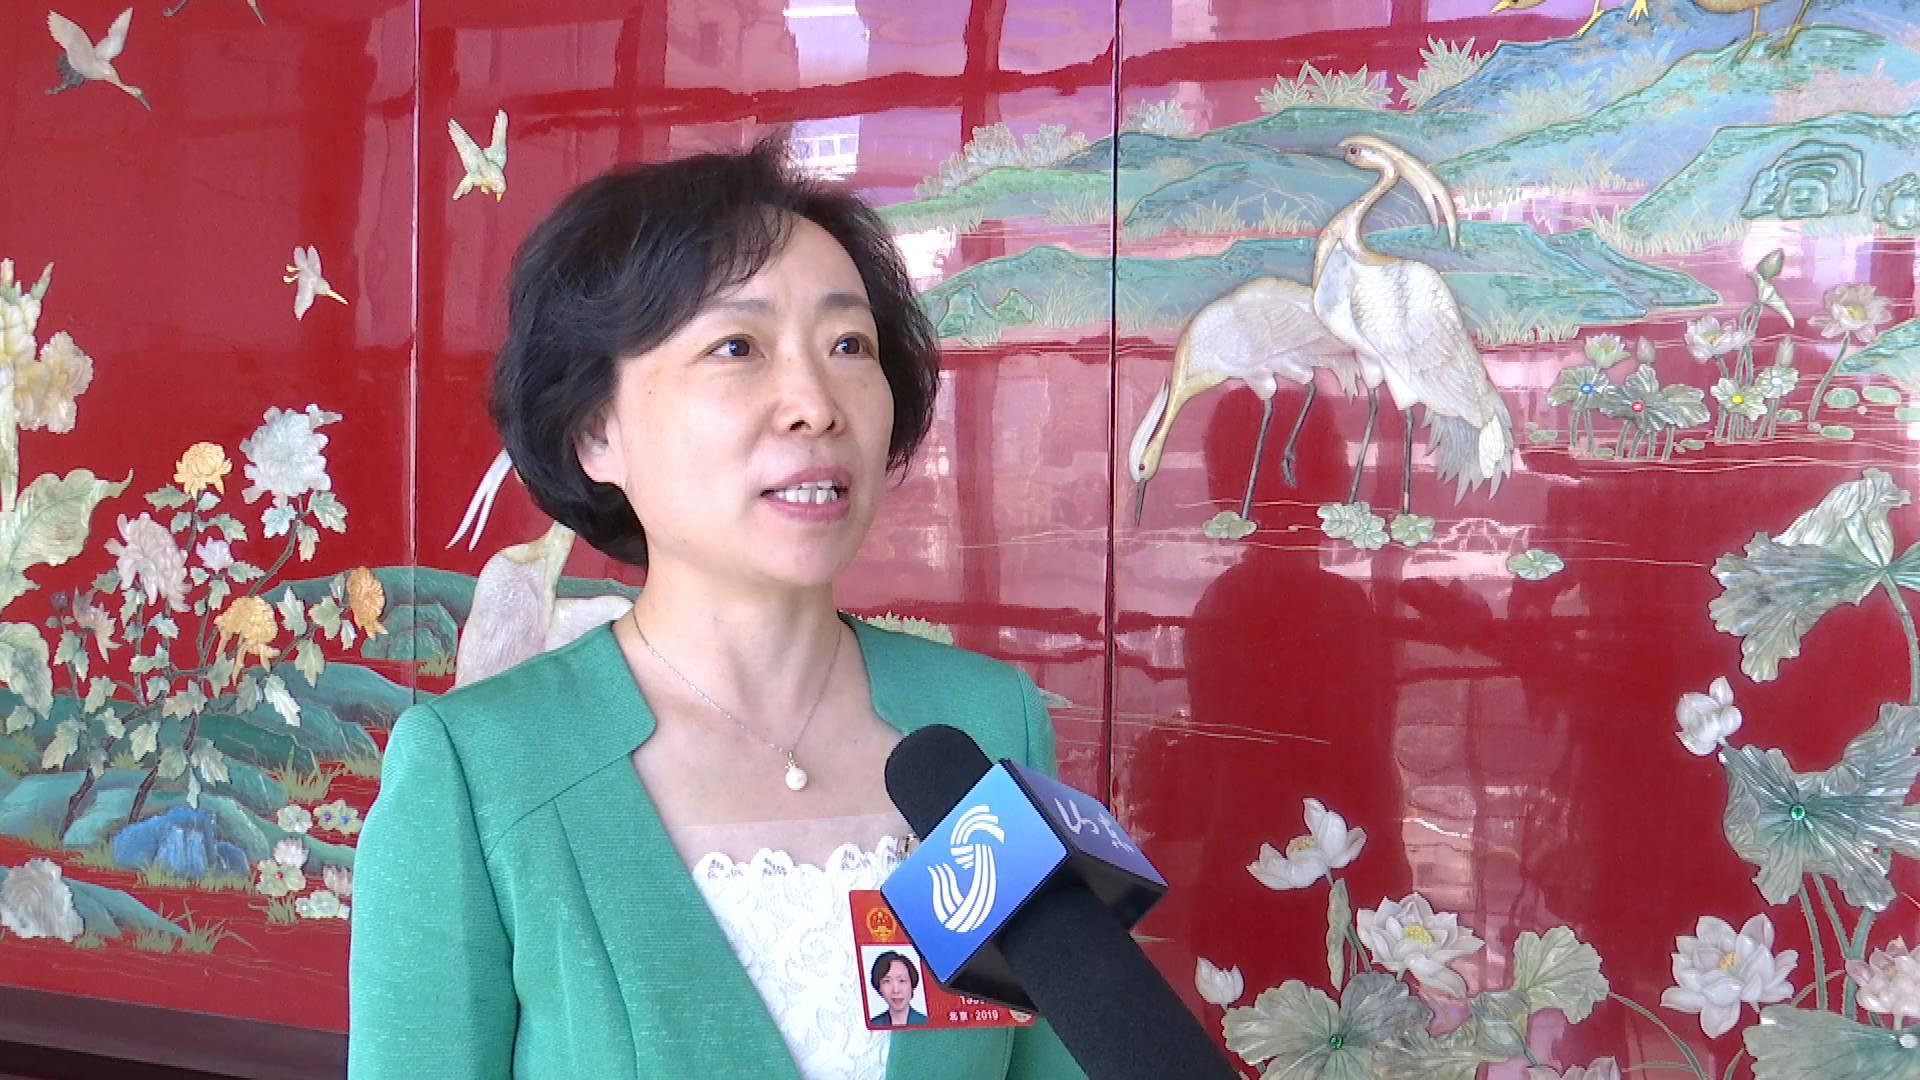 全国人大代表曹金萍谈为基层减负:破除形式主义,关键是抓好落实